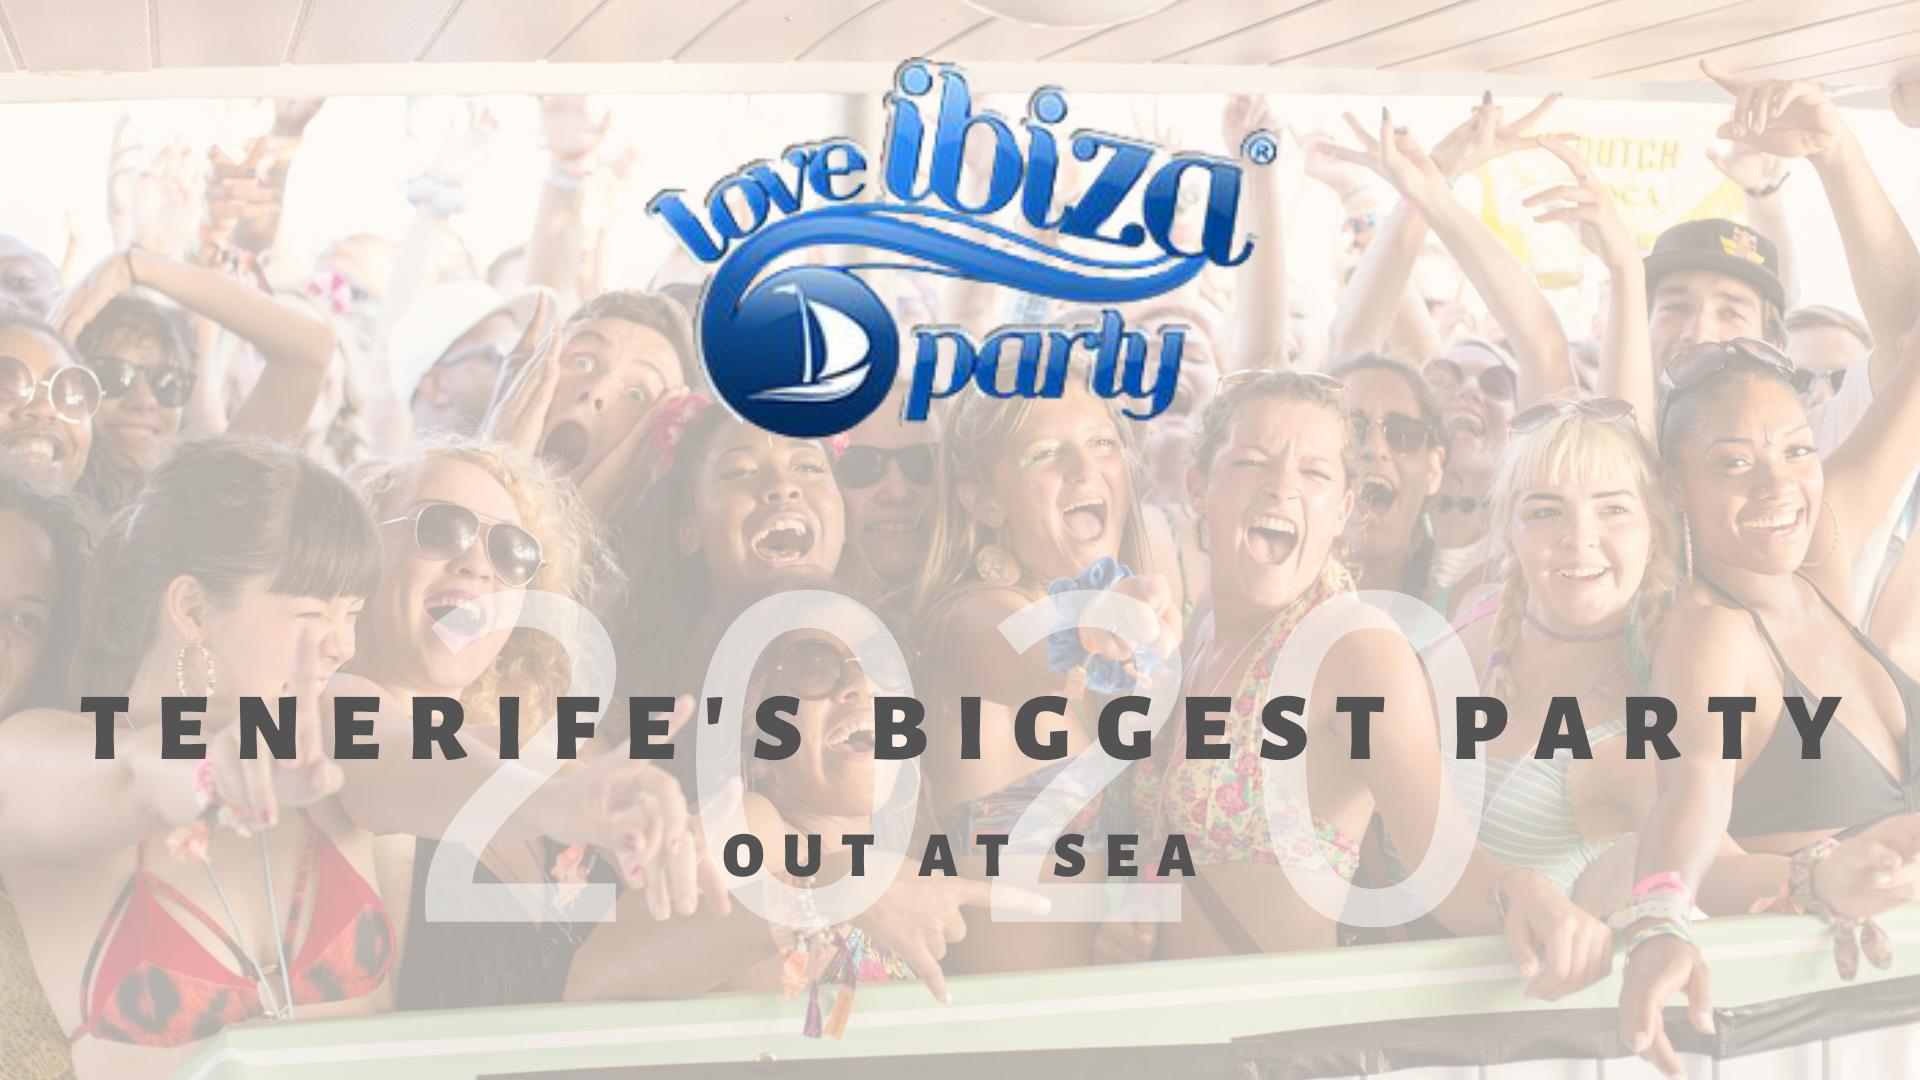 Tenerife Love Ibiza Boat Party